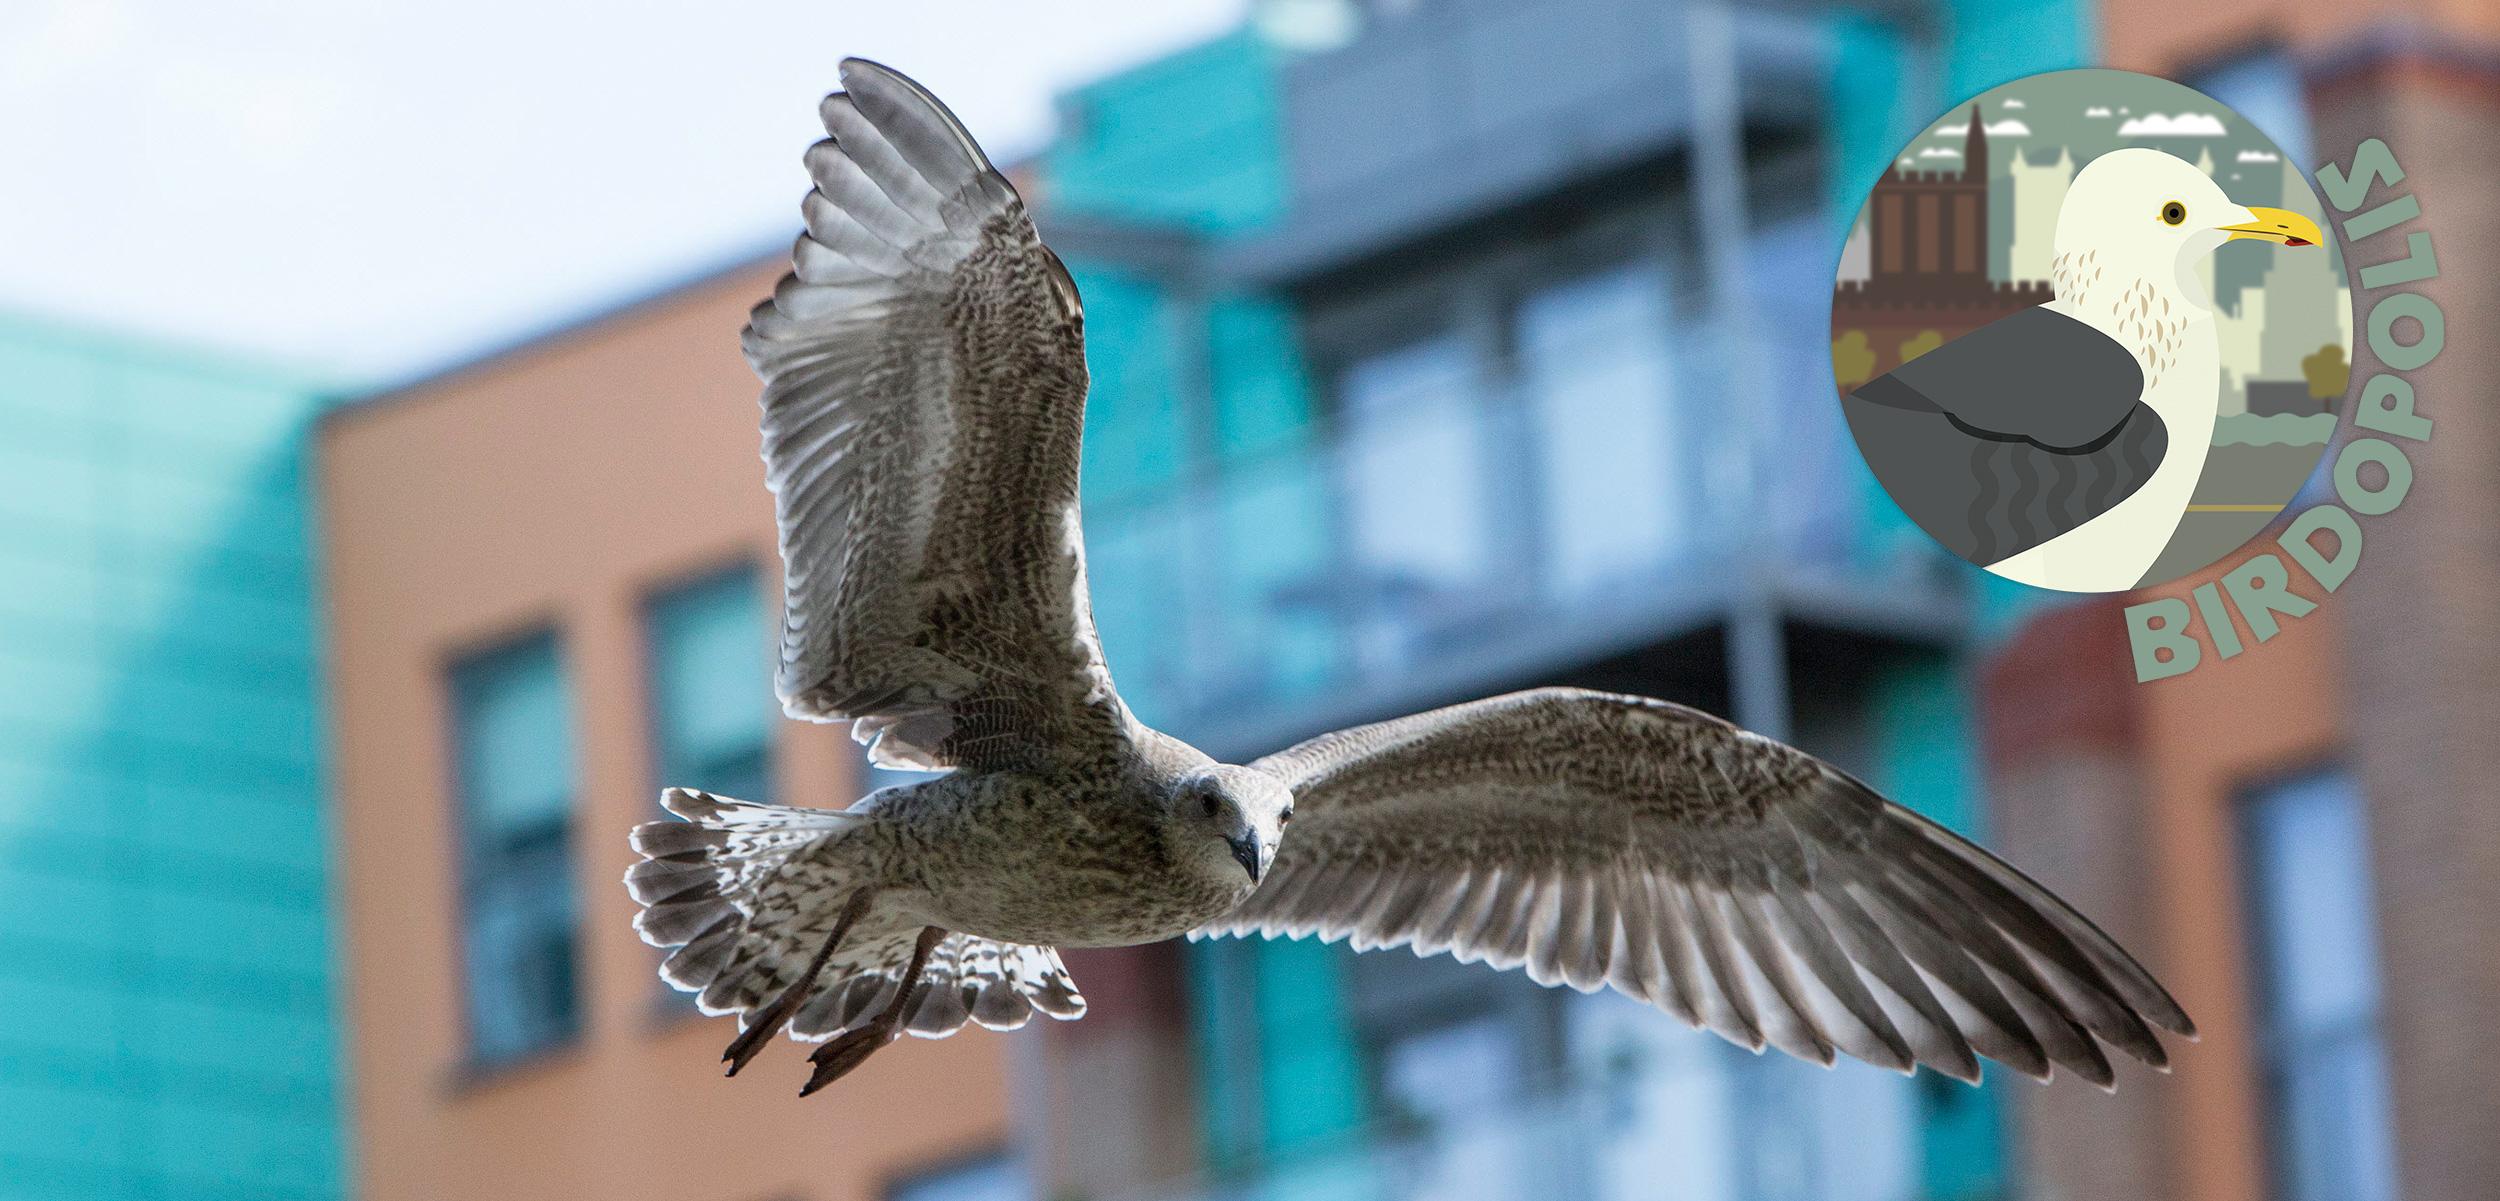 Juvenile gill in flight in Bristol, UK